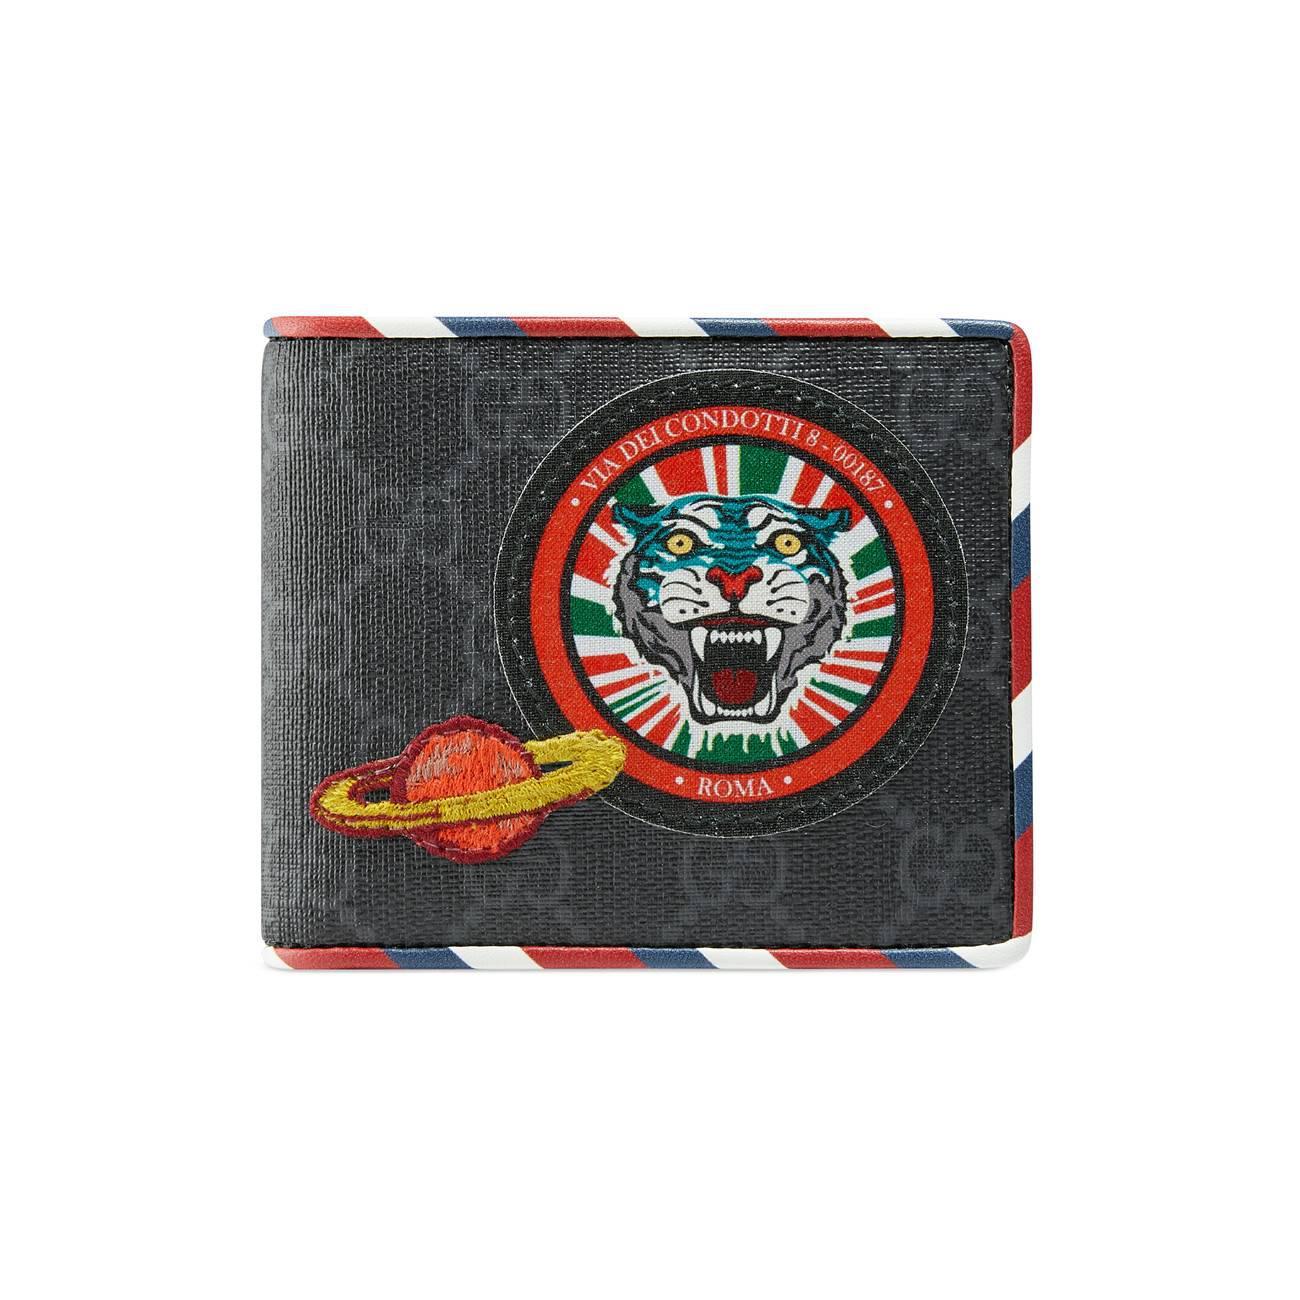 7932330d350c11 Gucci Black Courrier GG Supreme Wallet in Black for Men - Save 32 ...